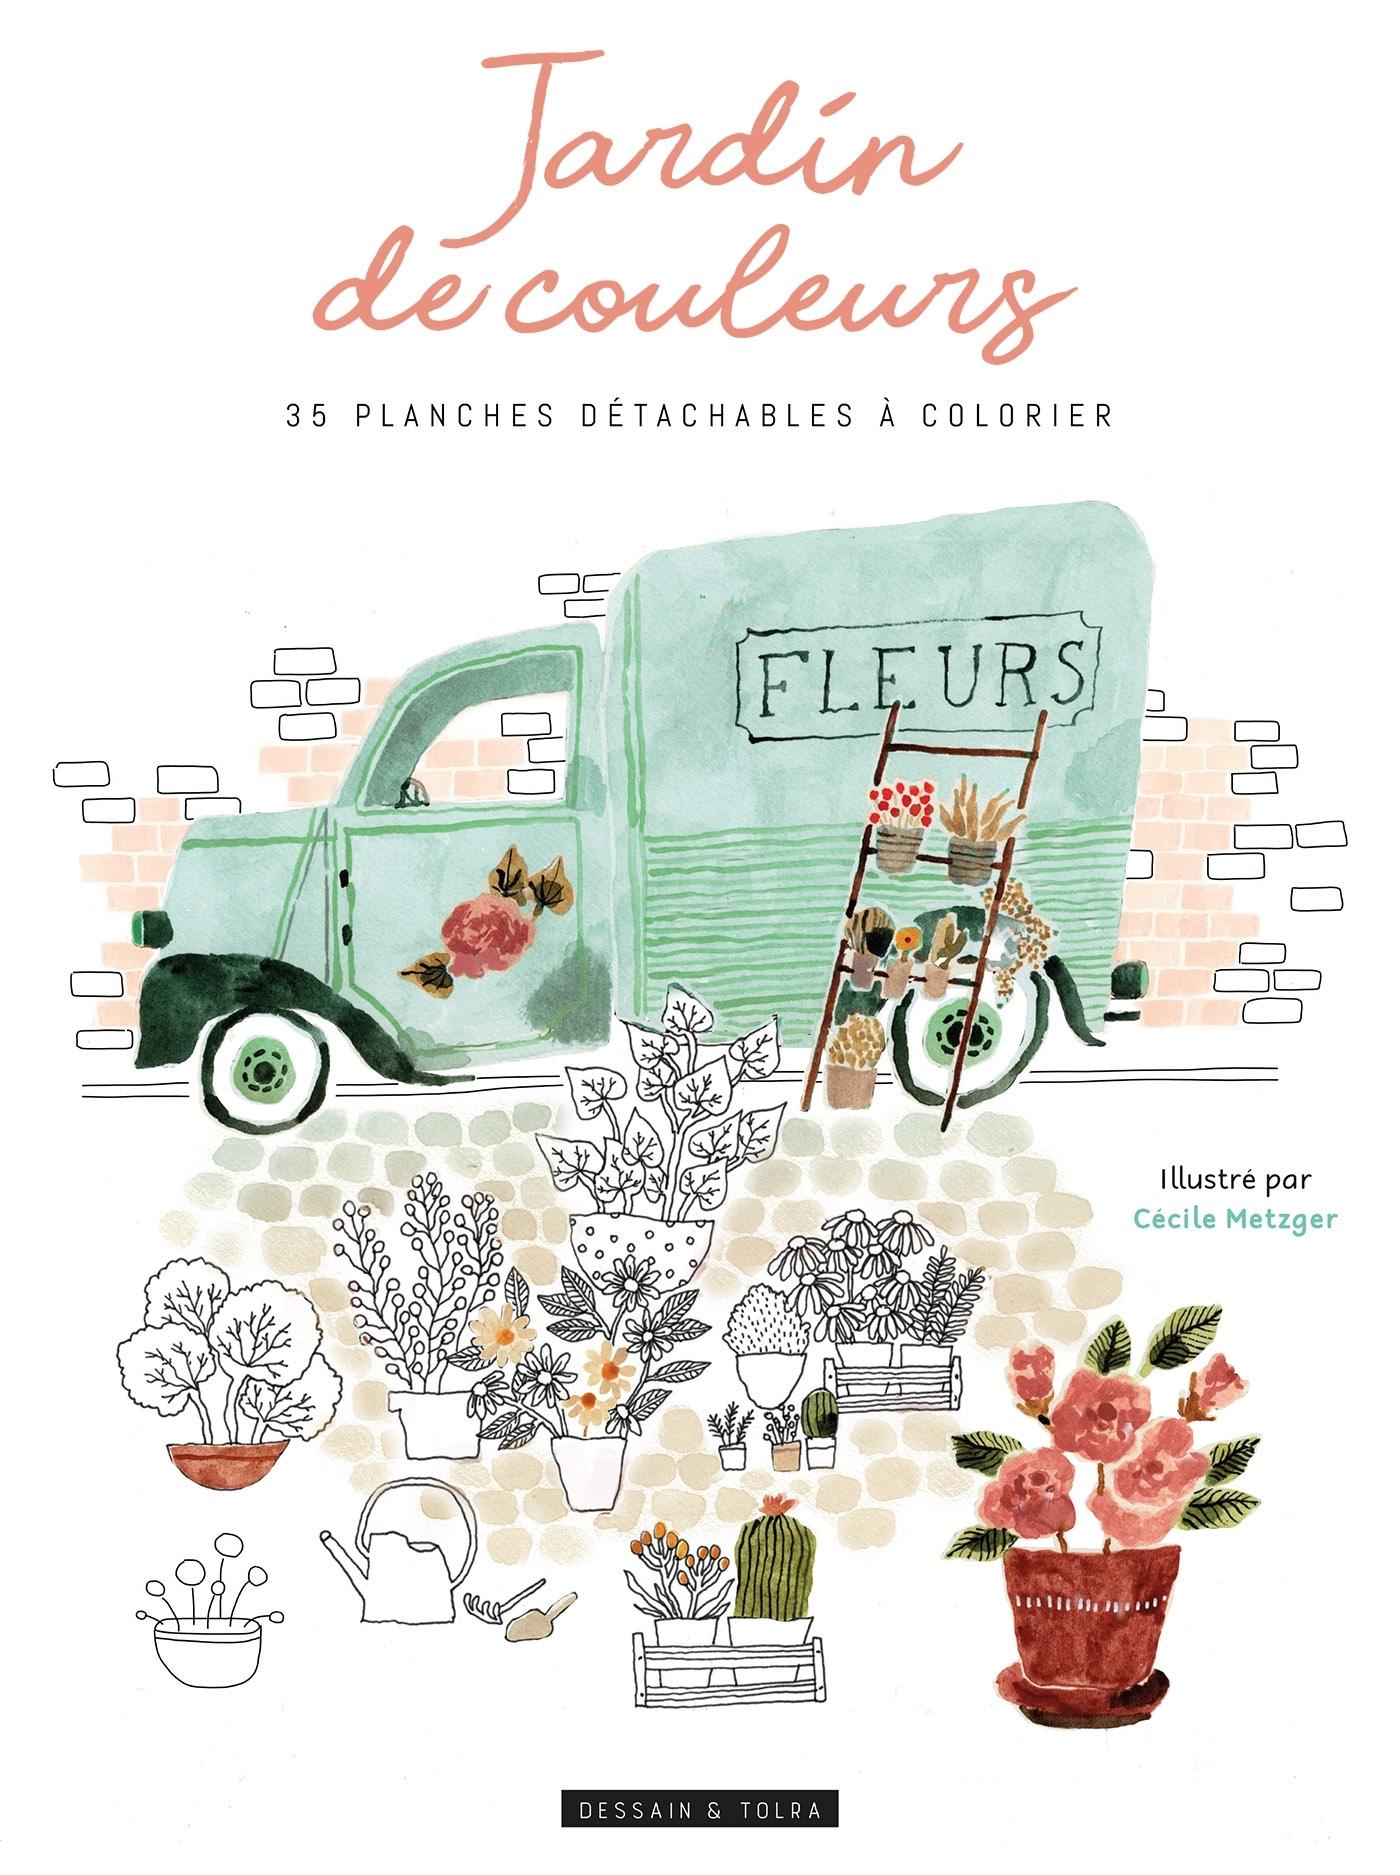 JARDINS DE COULEURS - 35 PLANCHES DETACHABLES A COLORIER